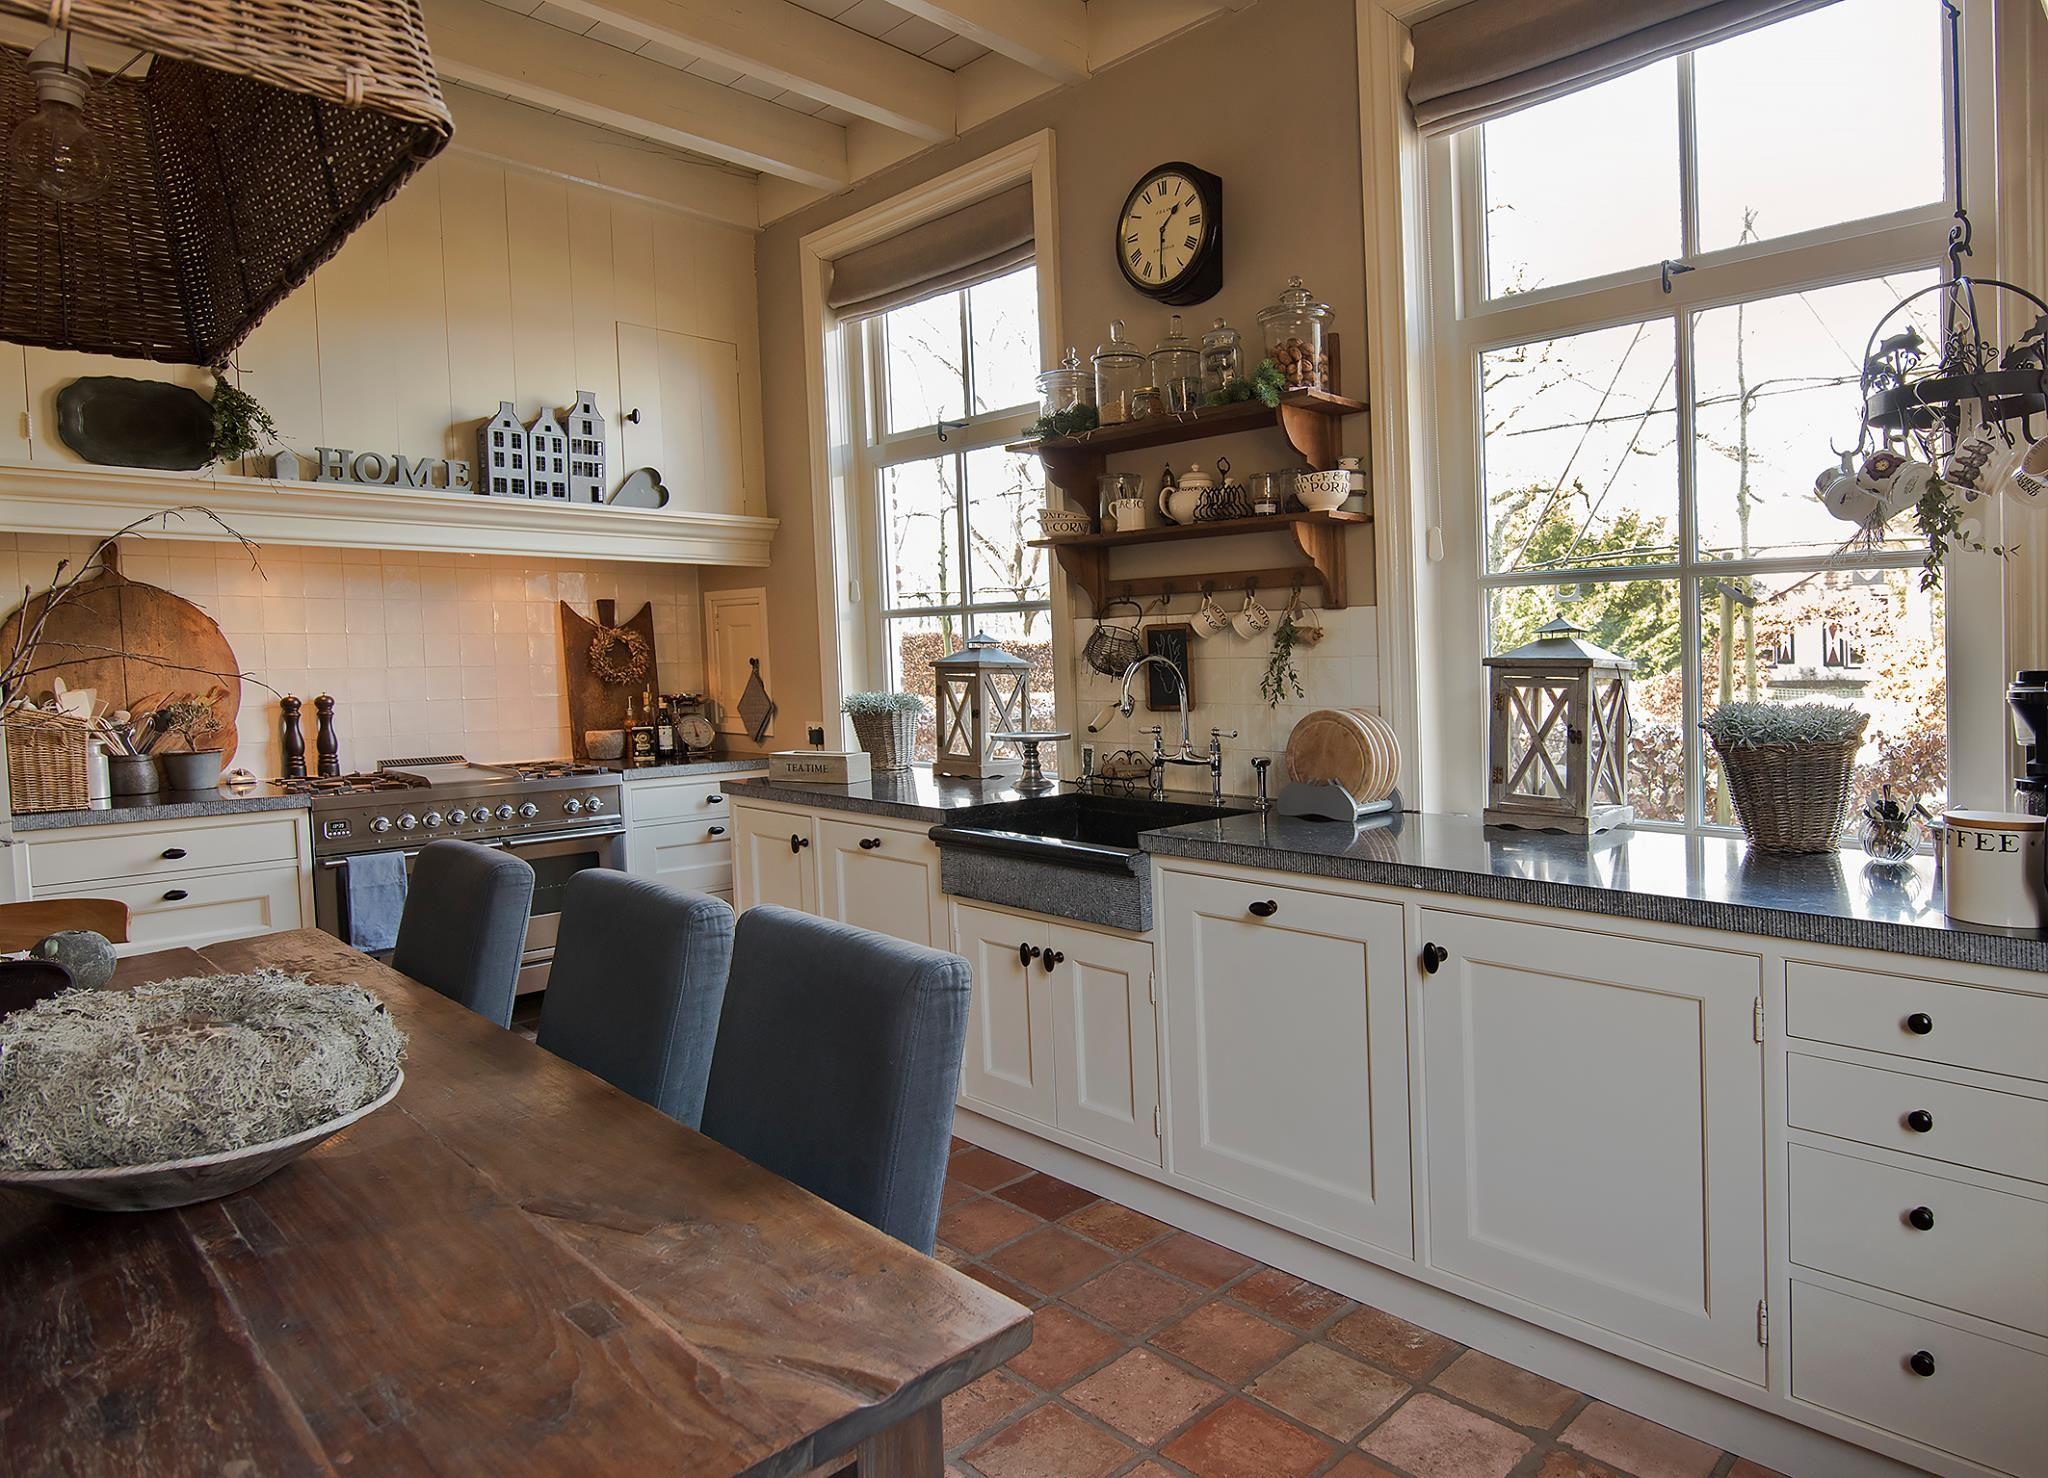 Mooie Eclectische Woonkeuken : Mooie landelijke keuken met estrikken terra cotta tegels